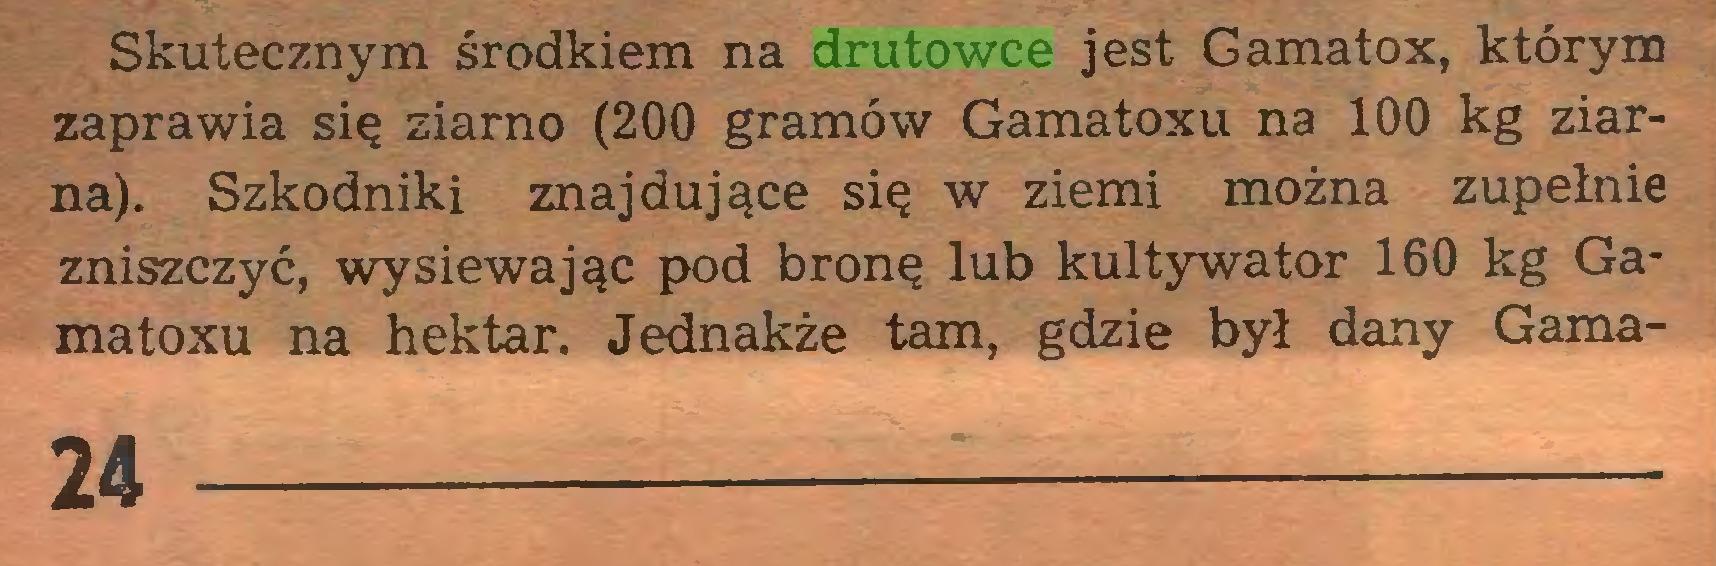 (...) Skutecznym środkiem na drutowce jest Gamatox, którym zaprawia się ziarno (200 gramów Gamatoxu na 100 kg ziarna). Szkodniki znajdujące się w ziemi można zupełnie zniszczyć, wysiewając pod bronę lub kultywator 160 kg Ga* matoxu na hektar. Jednakże tam, gdzie był dany Gama24...